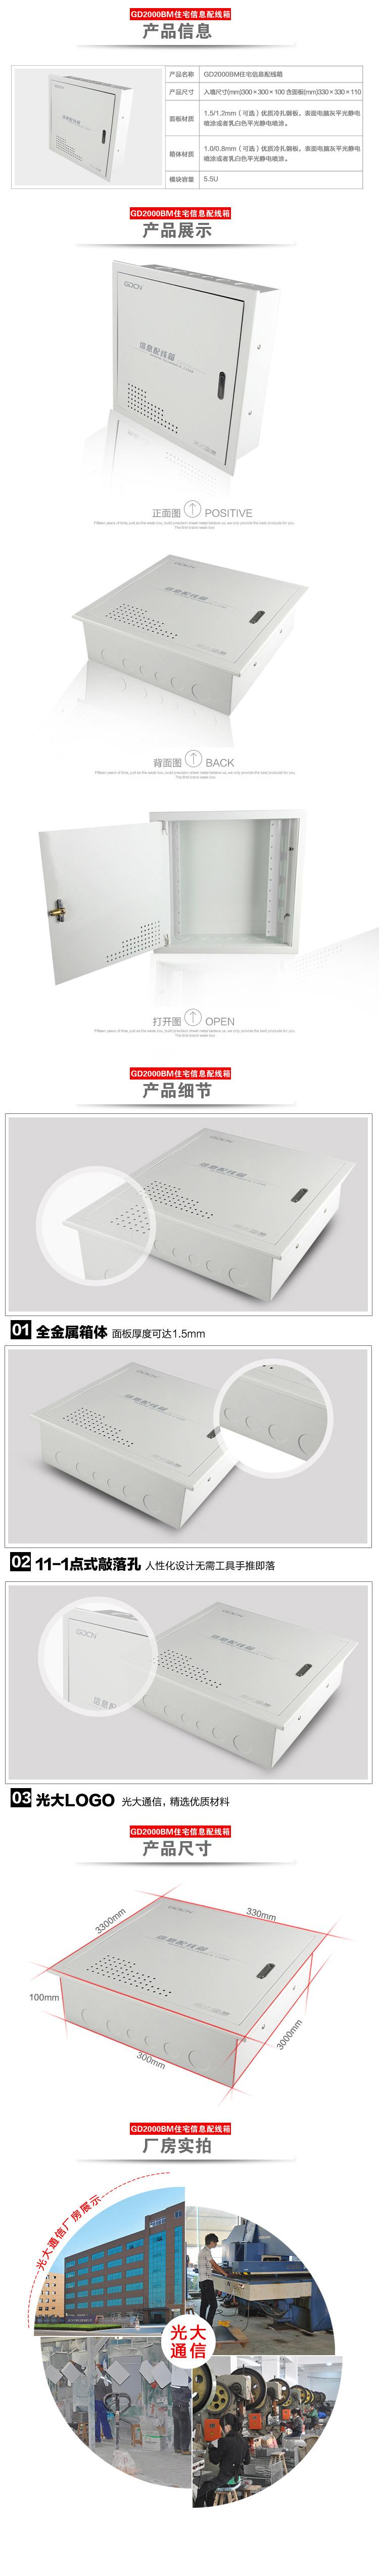 GD2000BM 信息箱 家用多媒體箱